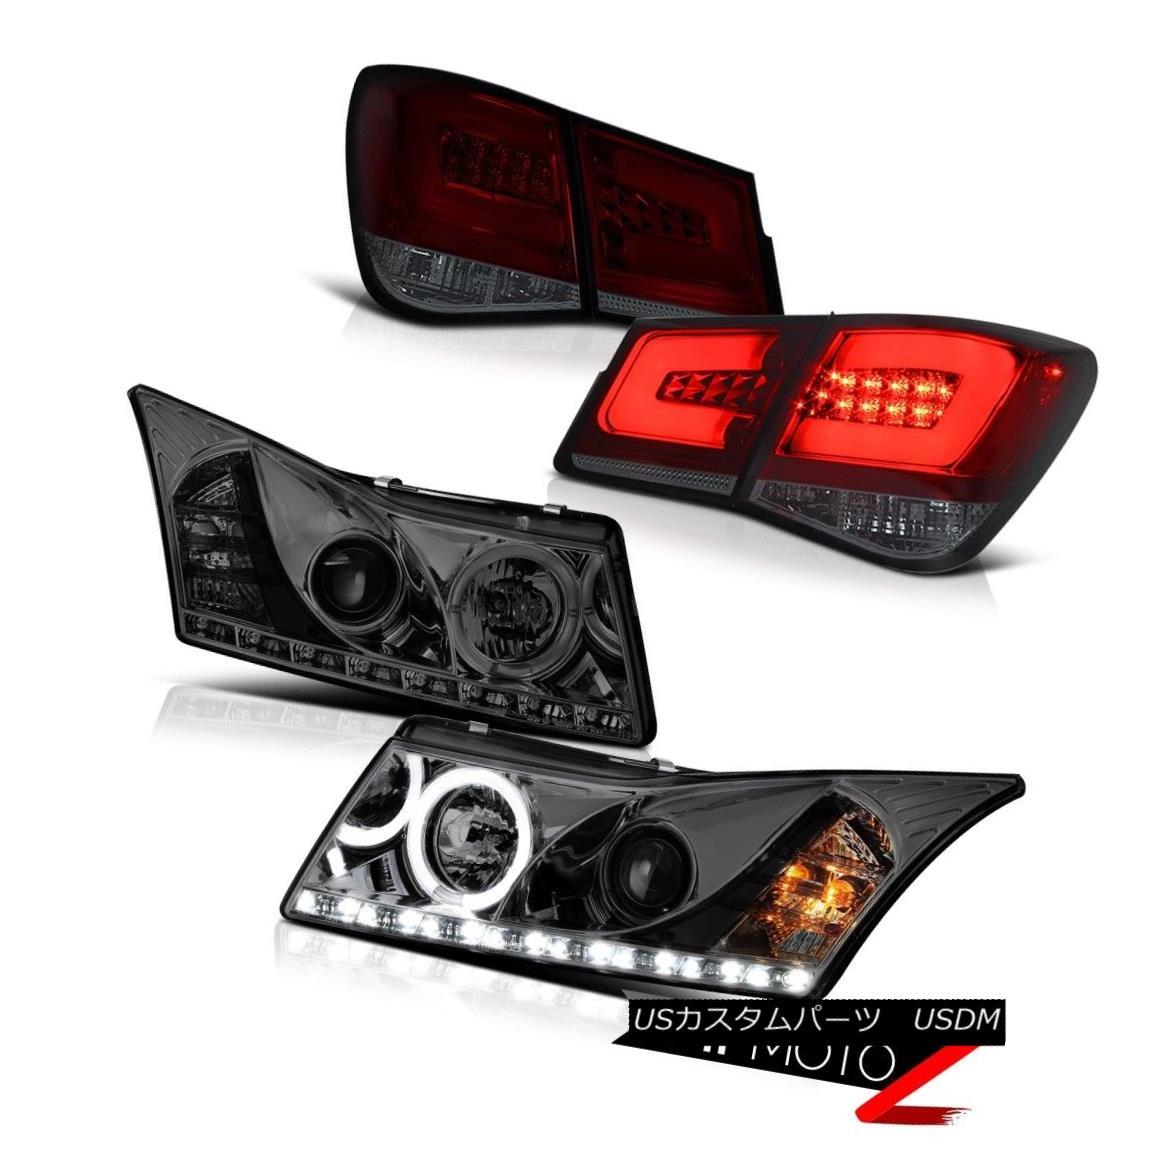 テールライト 11-15 Cruze LTZ Rear Brake Lamps Projector Headlights Neon Tube